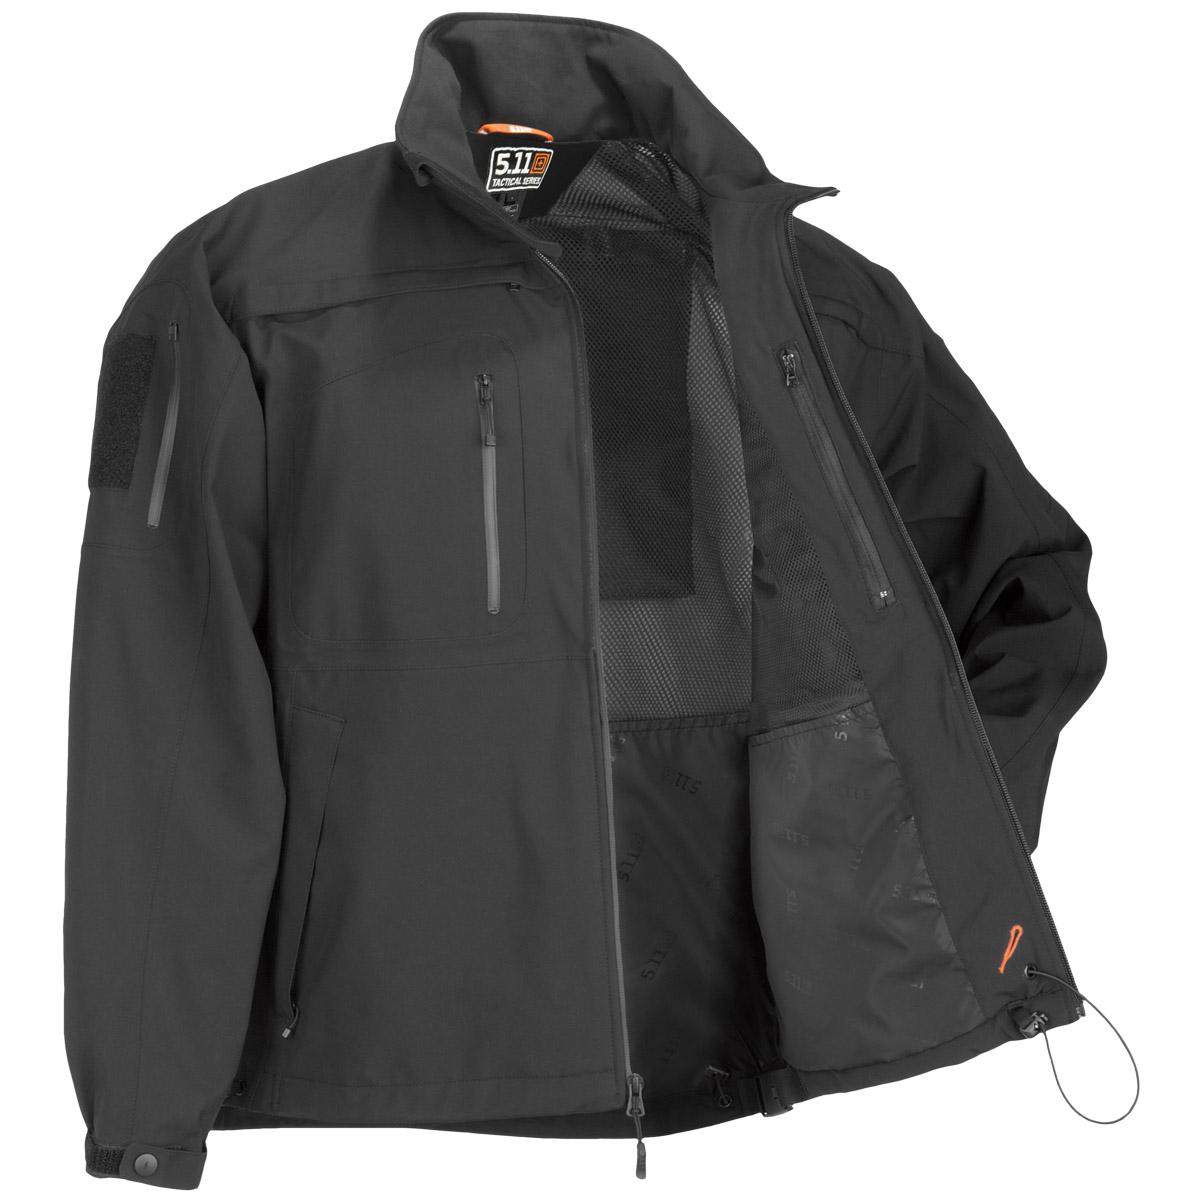 Armee softshell jacke – Moderne schöne Jacken